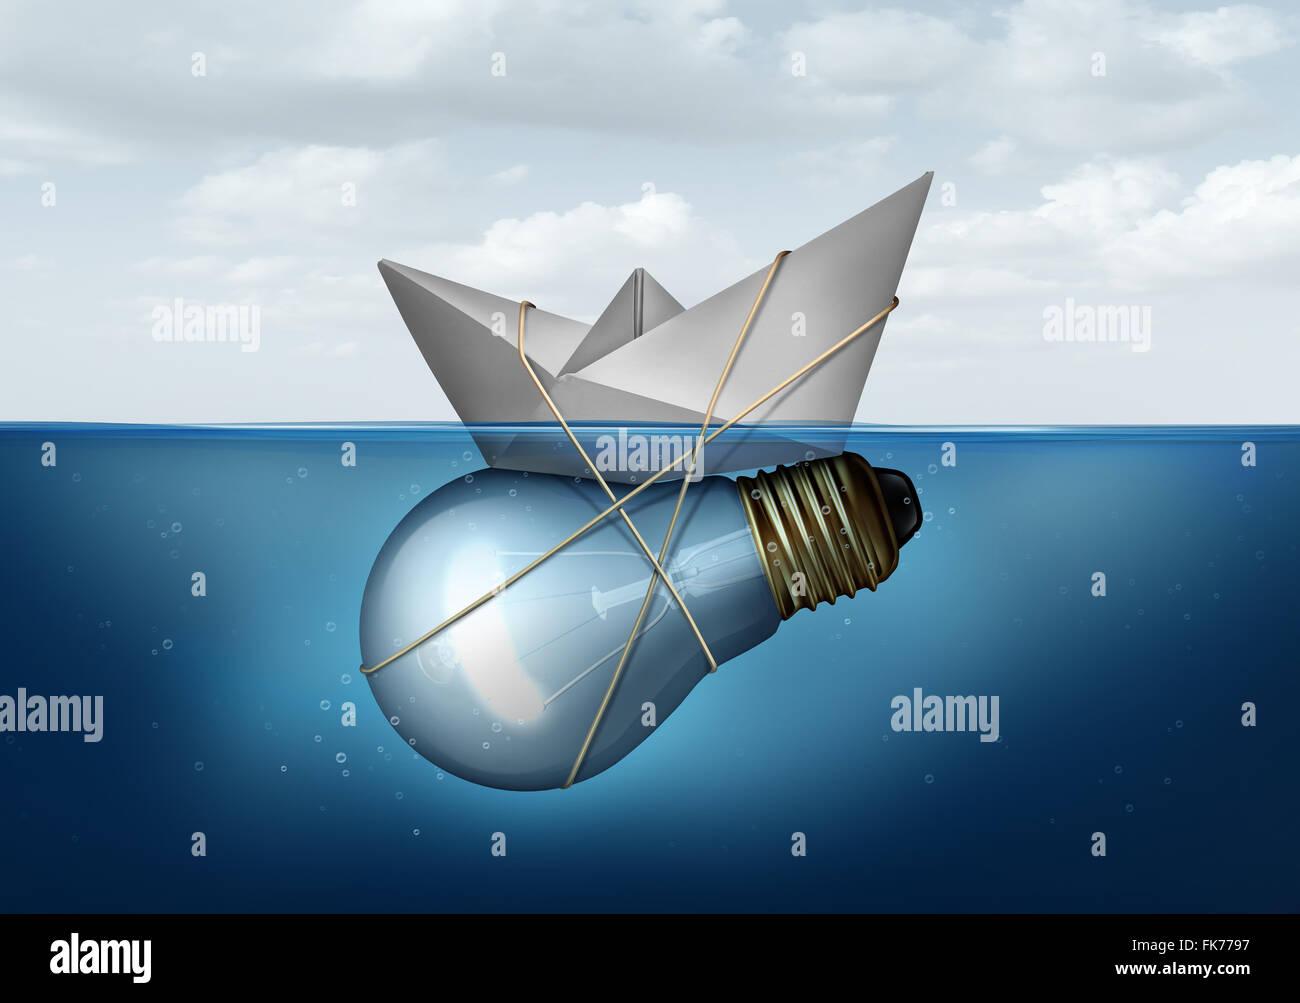 Innovative Businesslösung und kreatives Konzept als ein Papierschiff gebunden an eine Glühlampe oder Glühbirne Objekt als Erfolg Metapher für intelligente unternehmerisches Denken lösen Wirtschafts- und Transport-Herausforderungen. Stockfoto